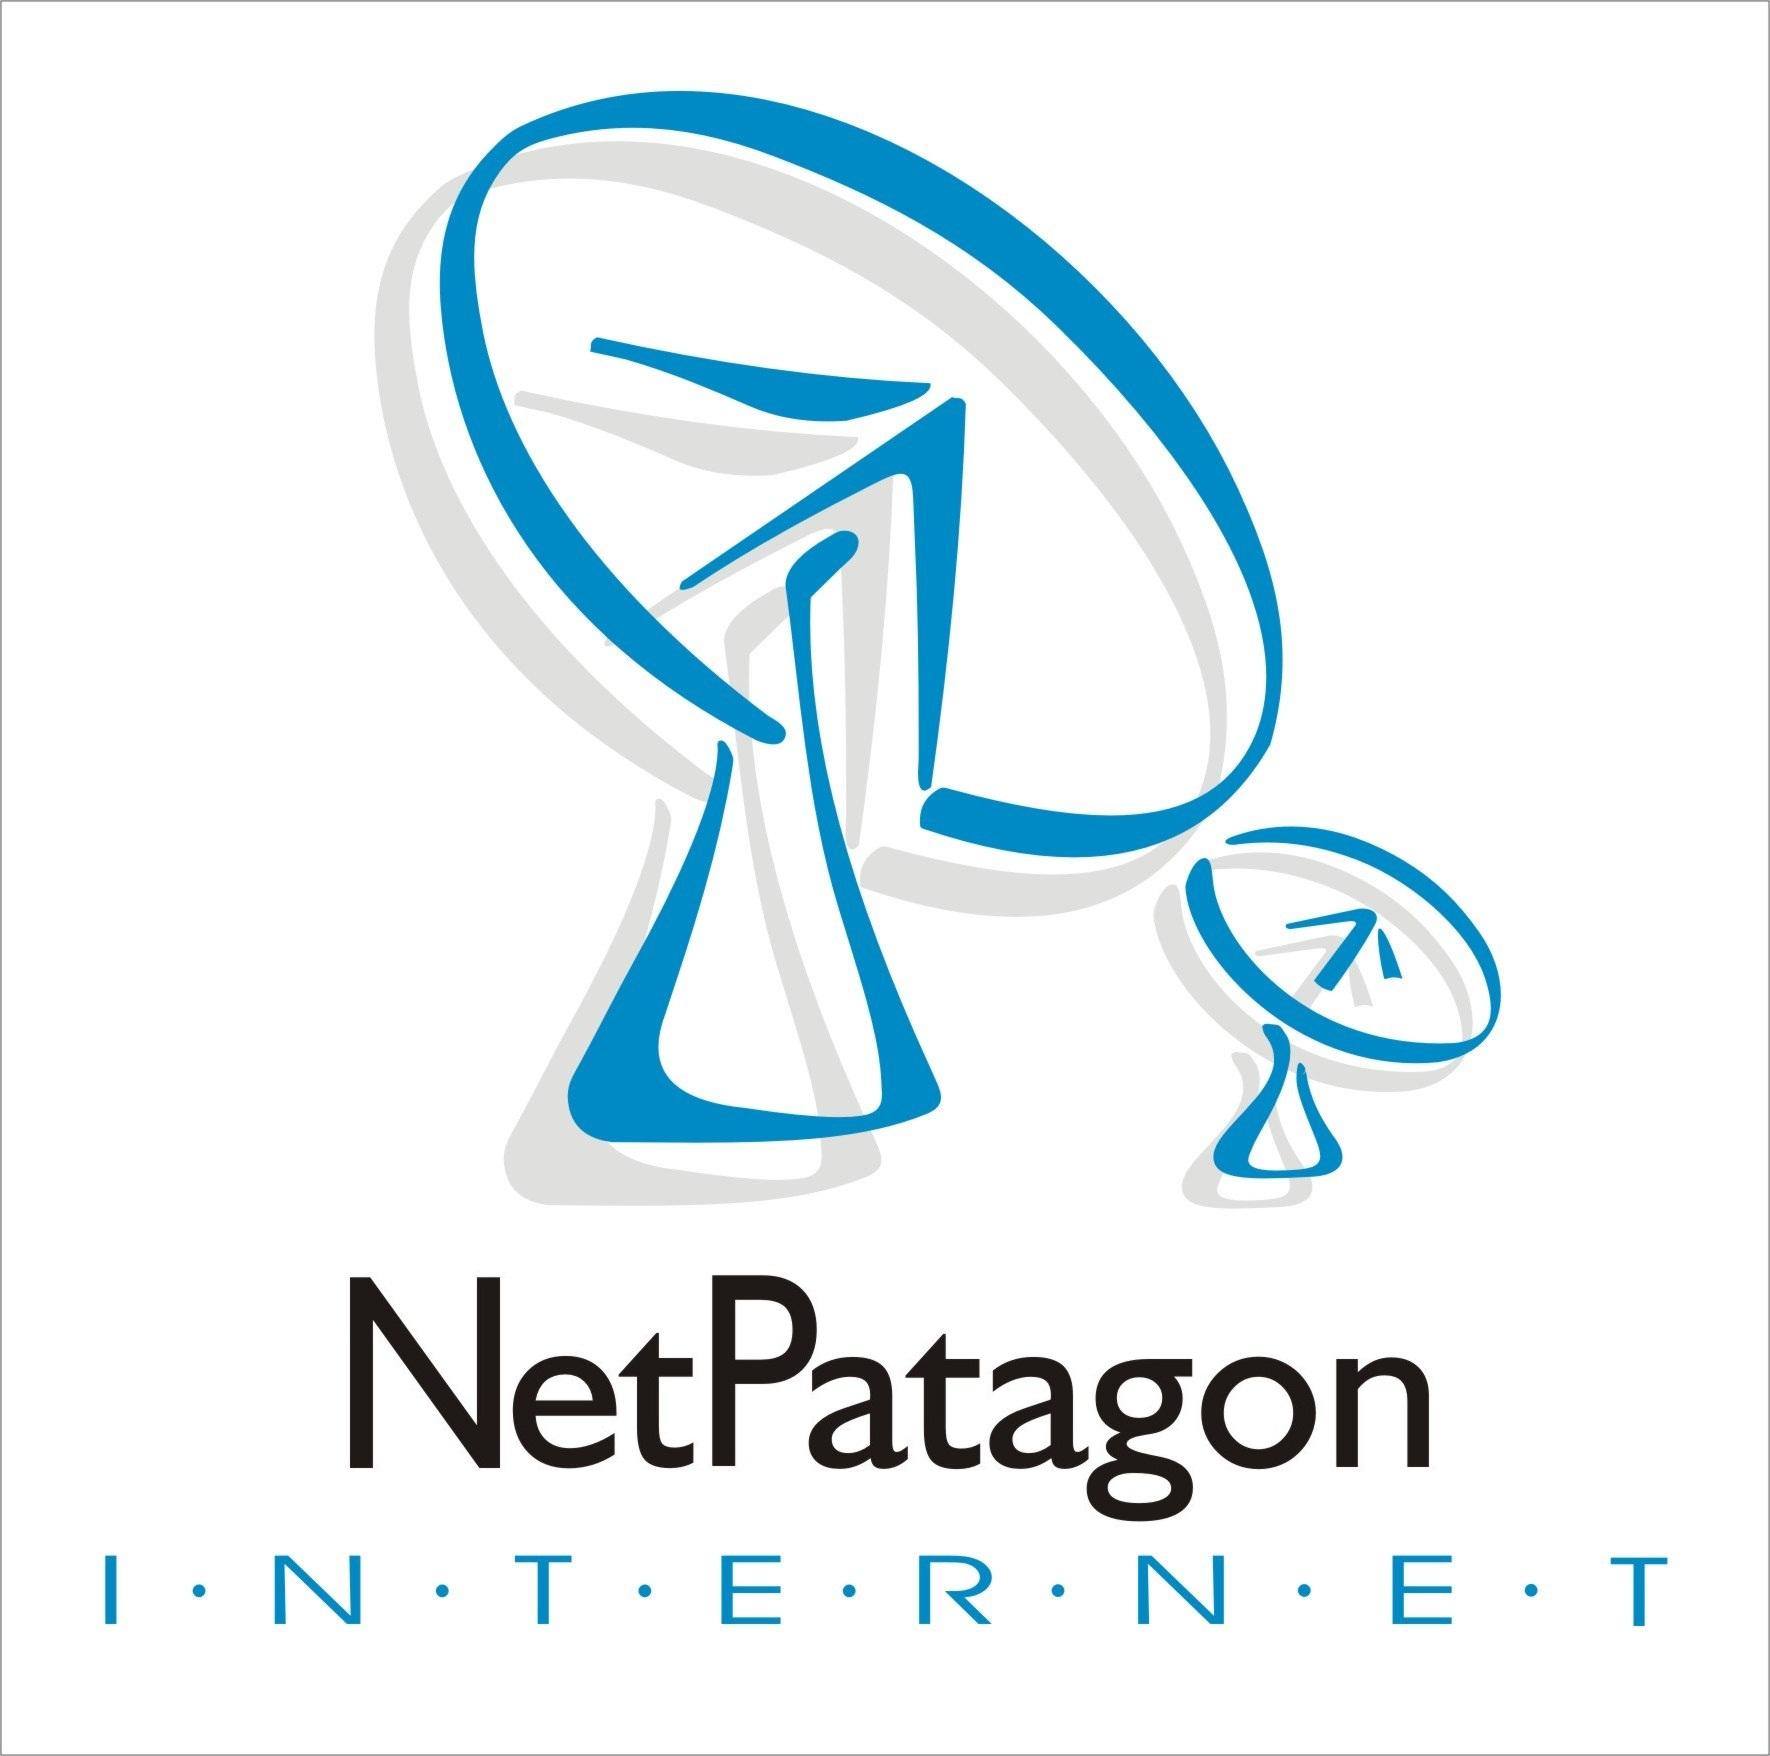 Netpatagon